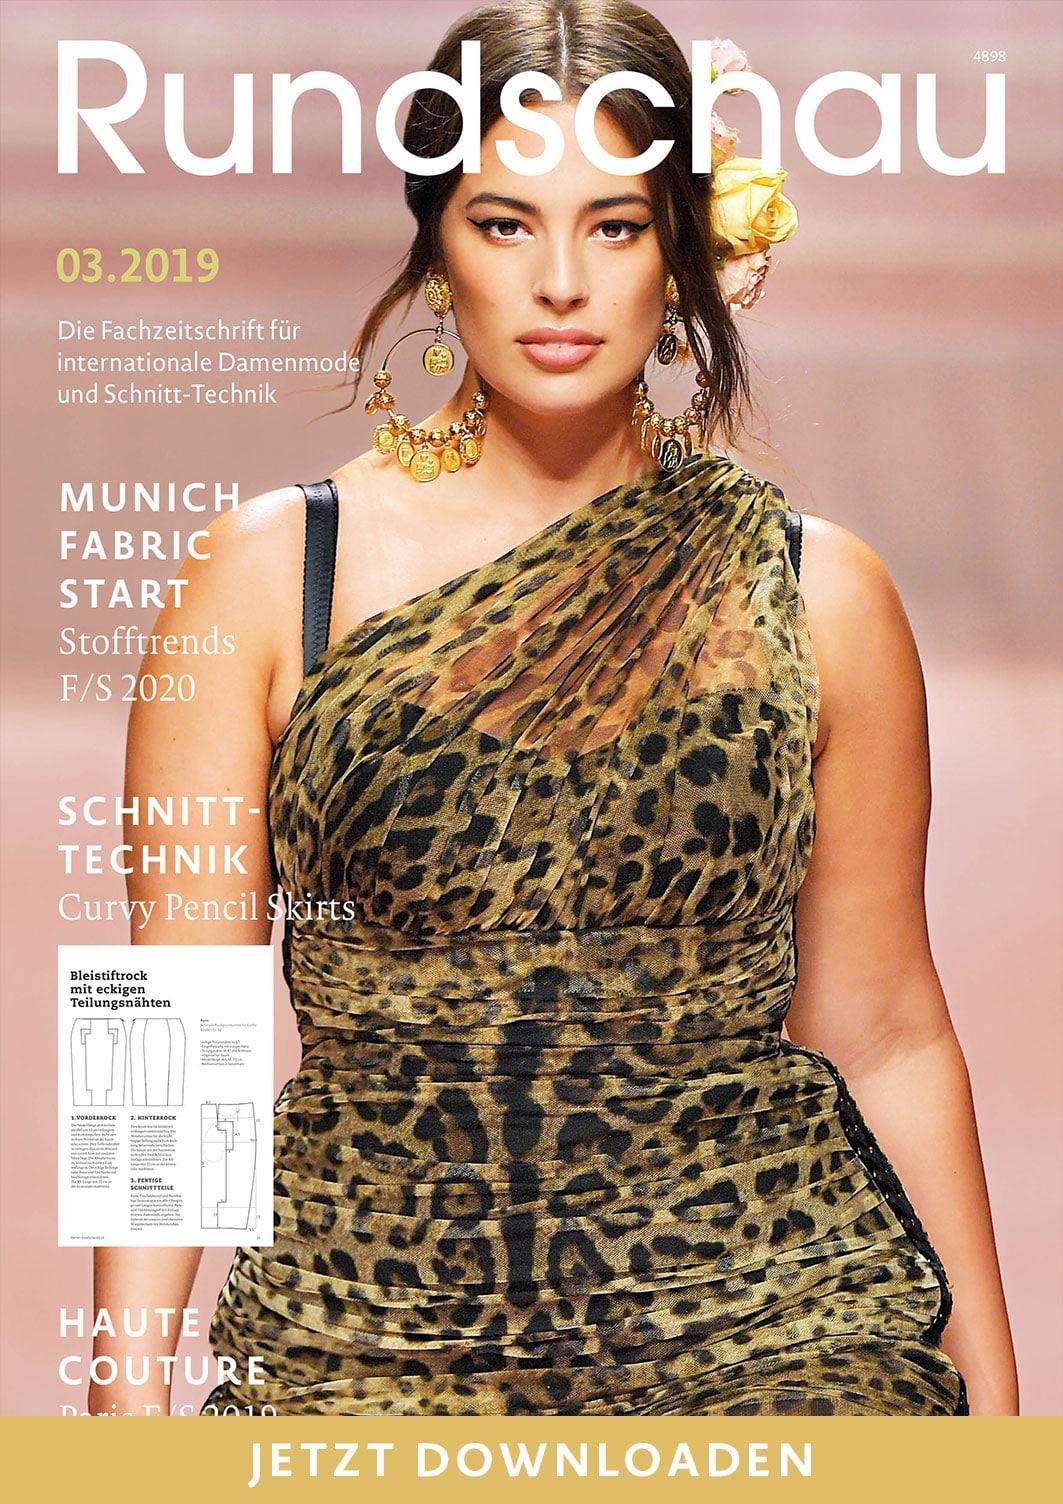 Rundschau für Internationale Damenmode und Schnitt-Technik 03.2019